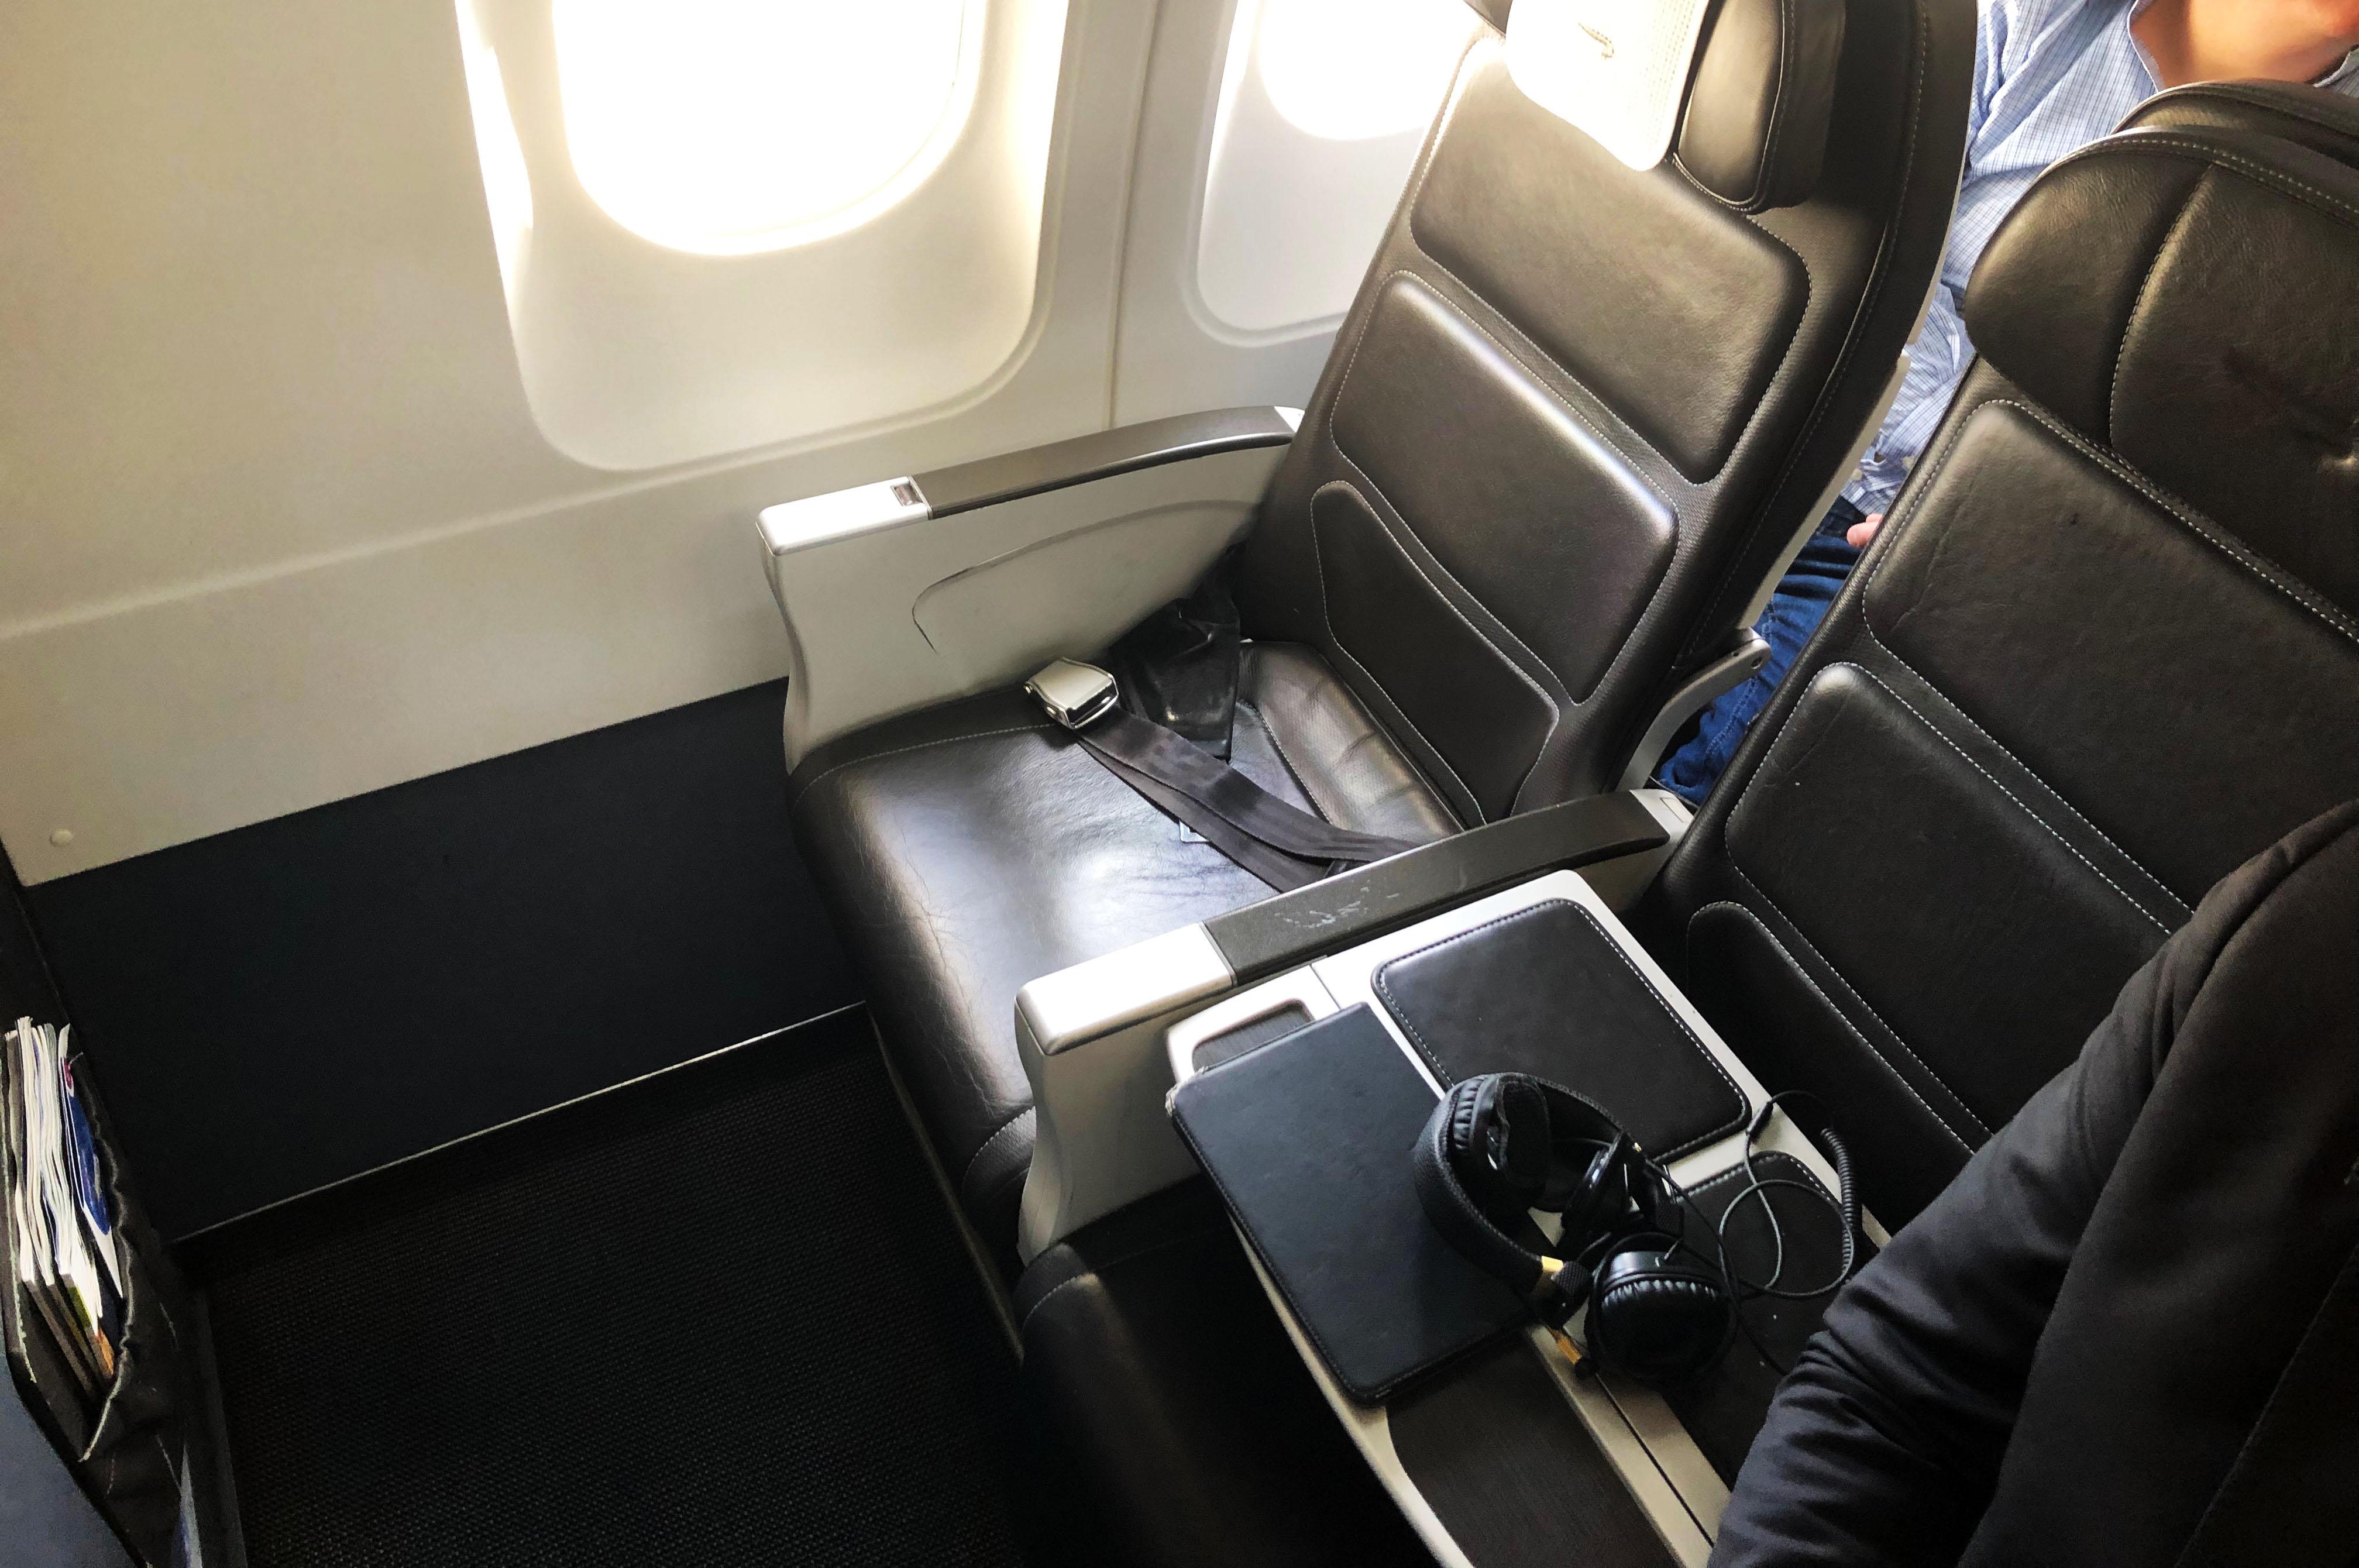 British Airways blokker sædet i midten på sin Business Class, så godt med plads til passagerne. (Foto: Joakim J. Hvistendahl)